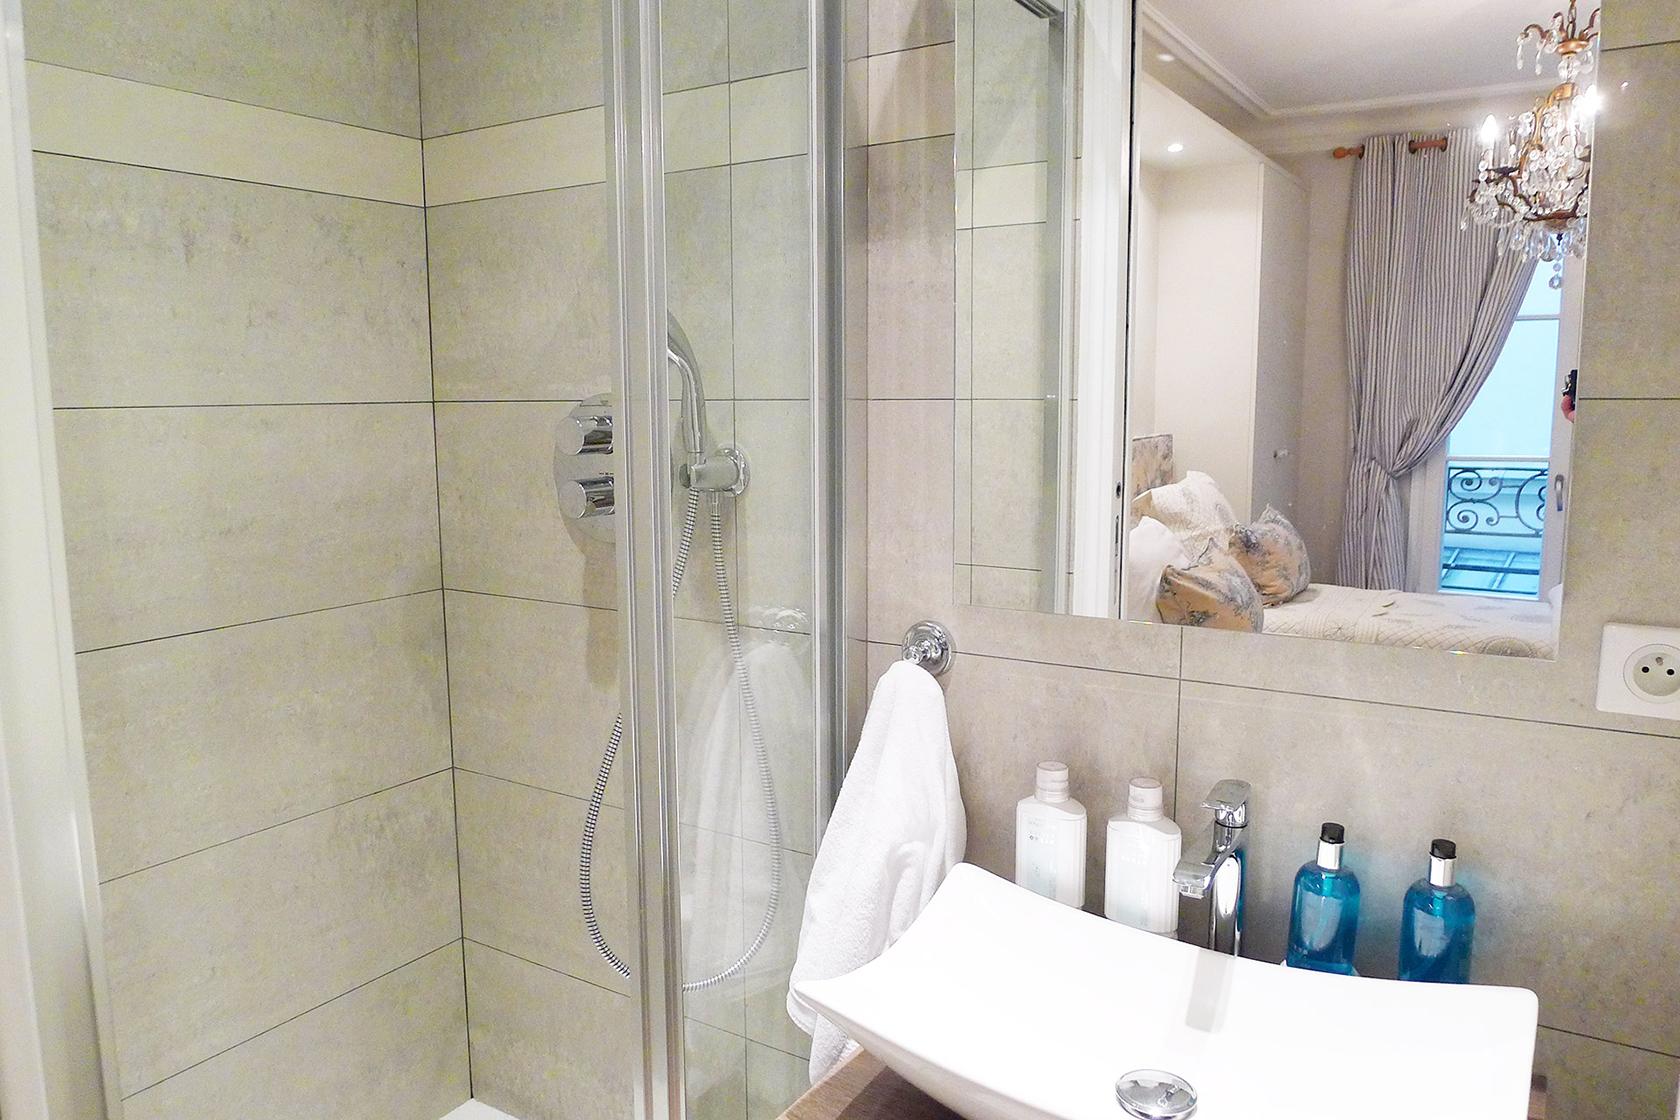 Beaujolais second bathroom before